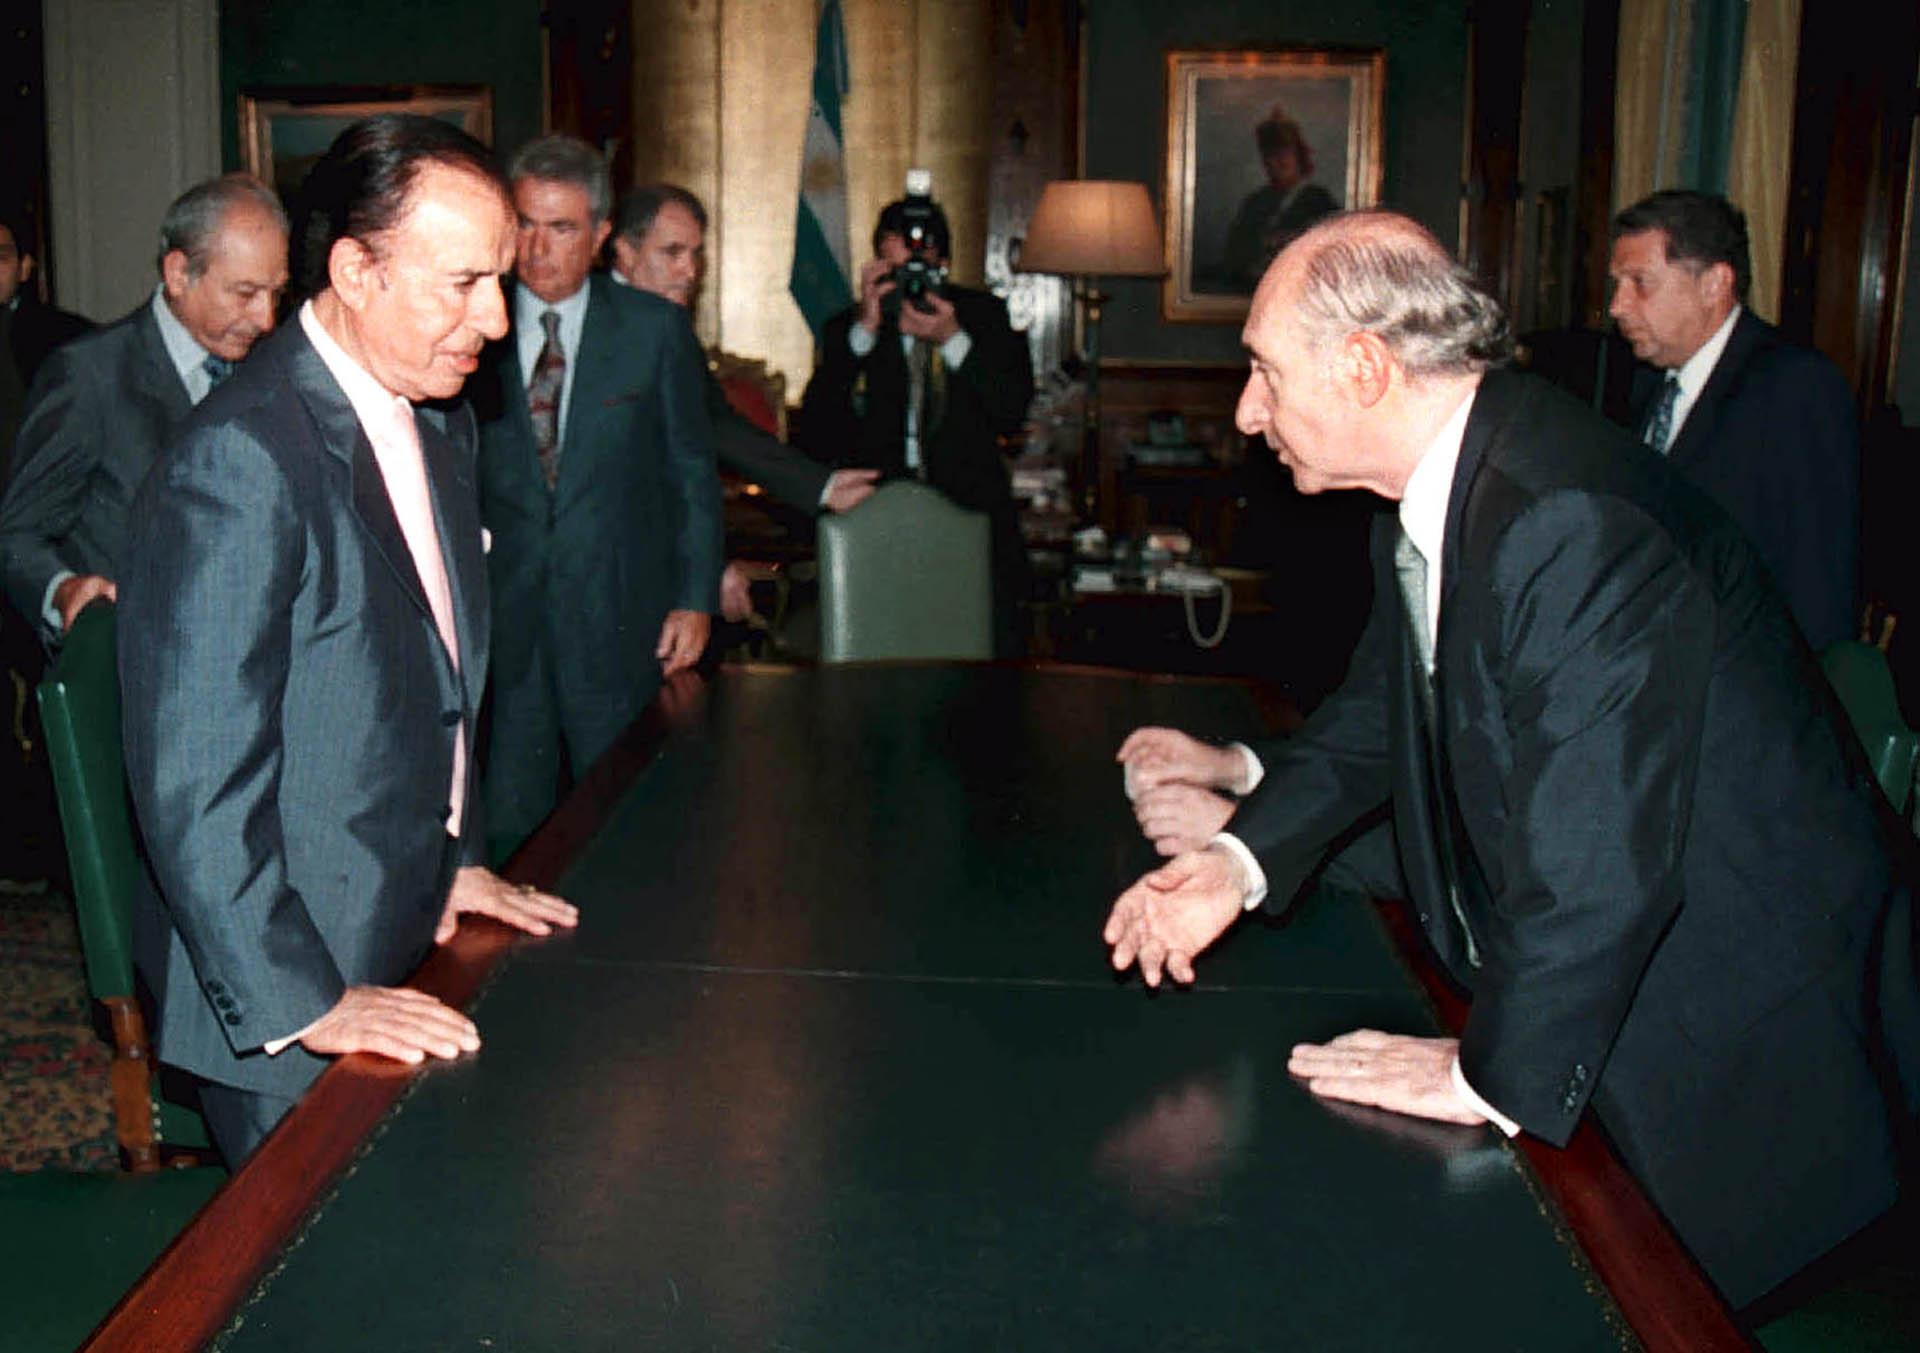 Peronistas y radicales. El ex presidente Carlos Menem y una visita al entonces mandatario Fernando De la Rúa